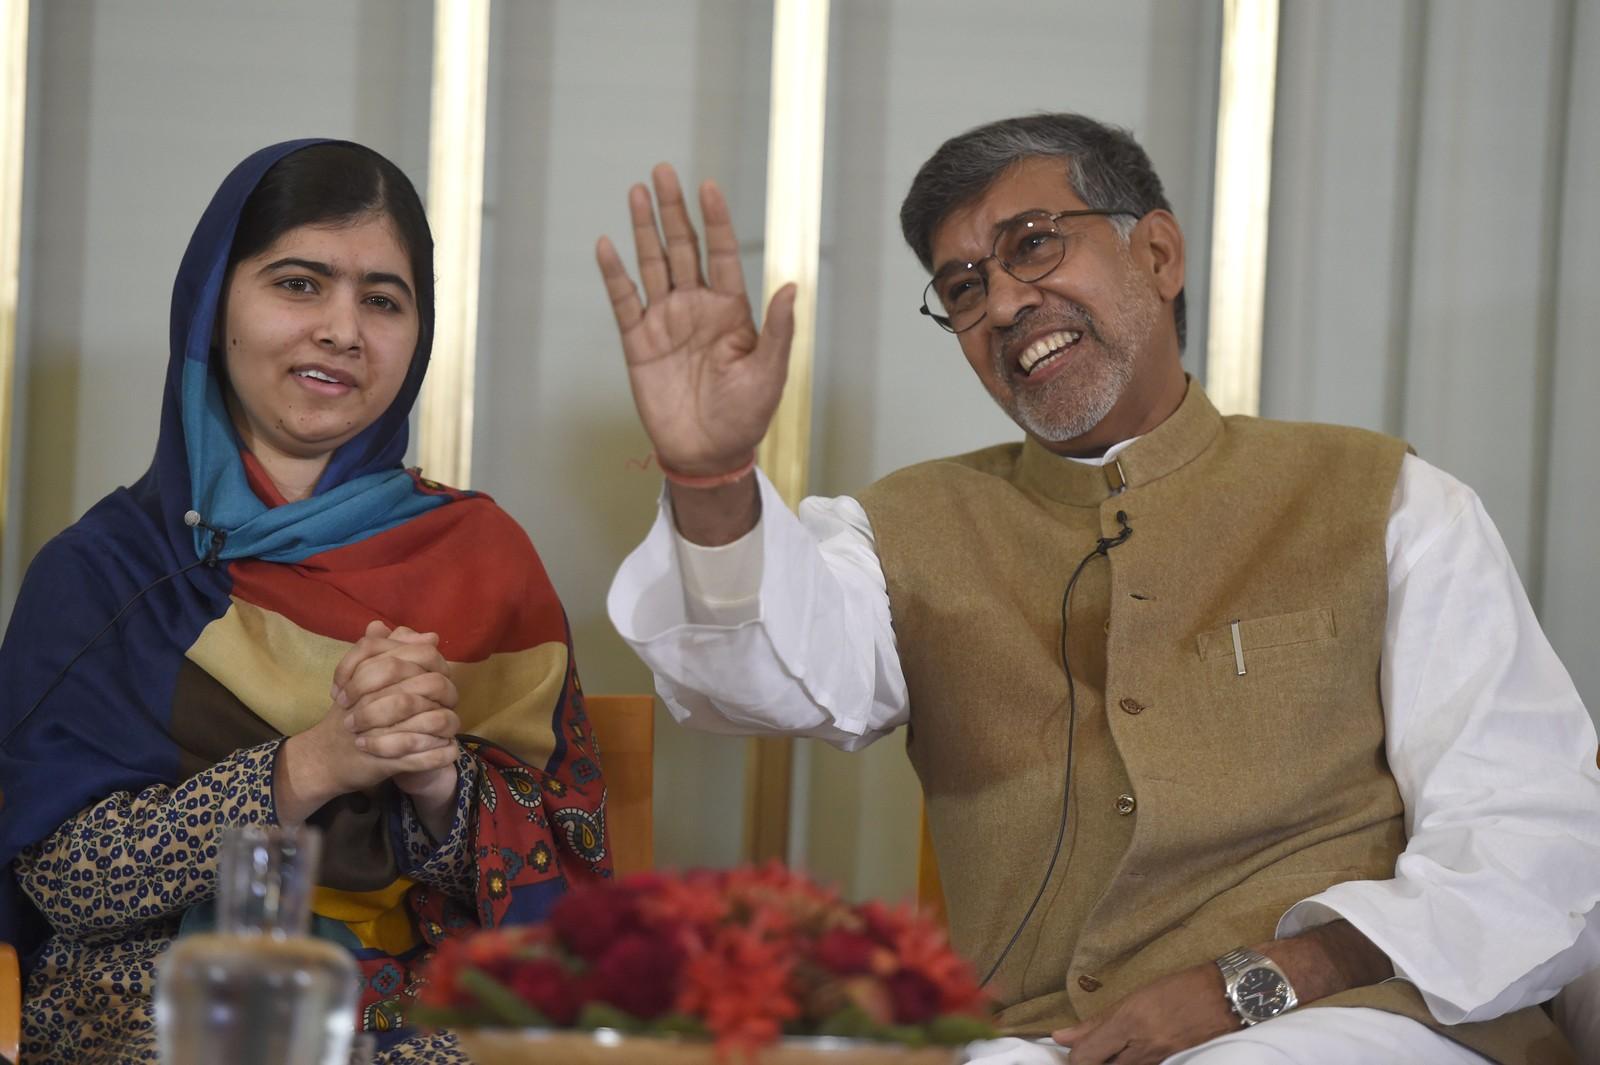 DELER FREDSPRISEN: Menneskerettsforkjemperne Malala Yousafzai (17) fra Pakistan og Kailash Satyarthi (60) fra India er i Oslo for å motta Nobels fredspris for 2014. De får prisen for kampen for barns rett til utdanning og for kampen mot barnearbeid. Bildet fra pressekonferansen i Oslo 9.12.2014.